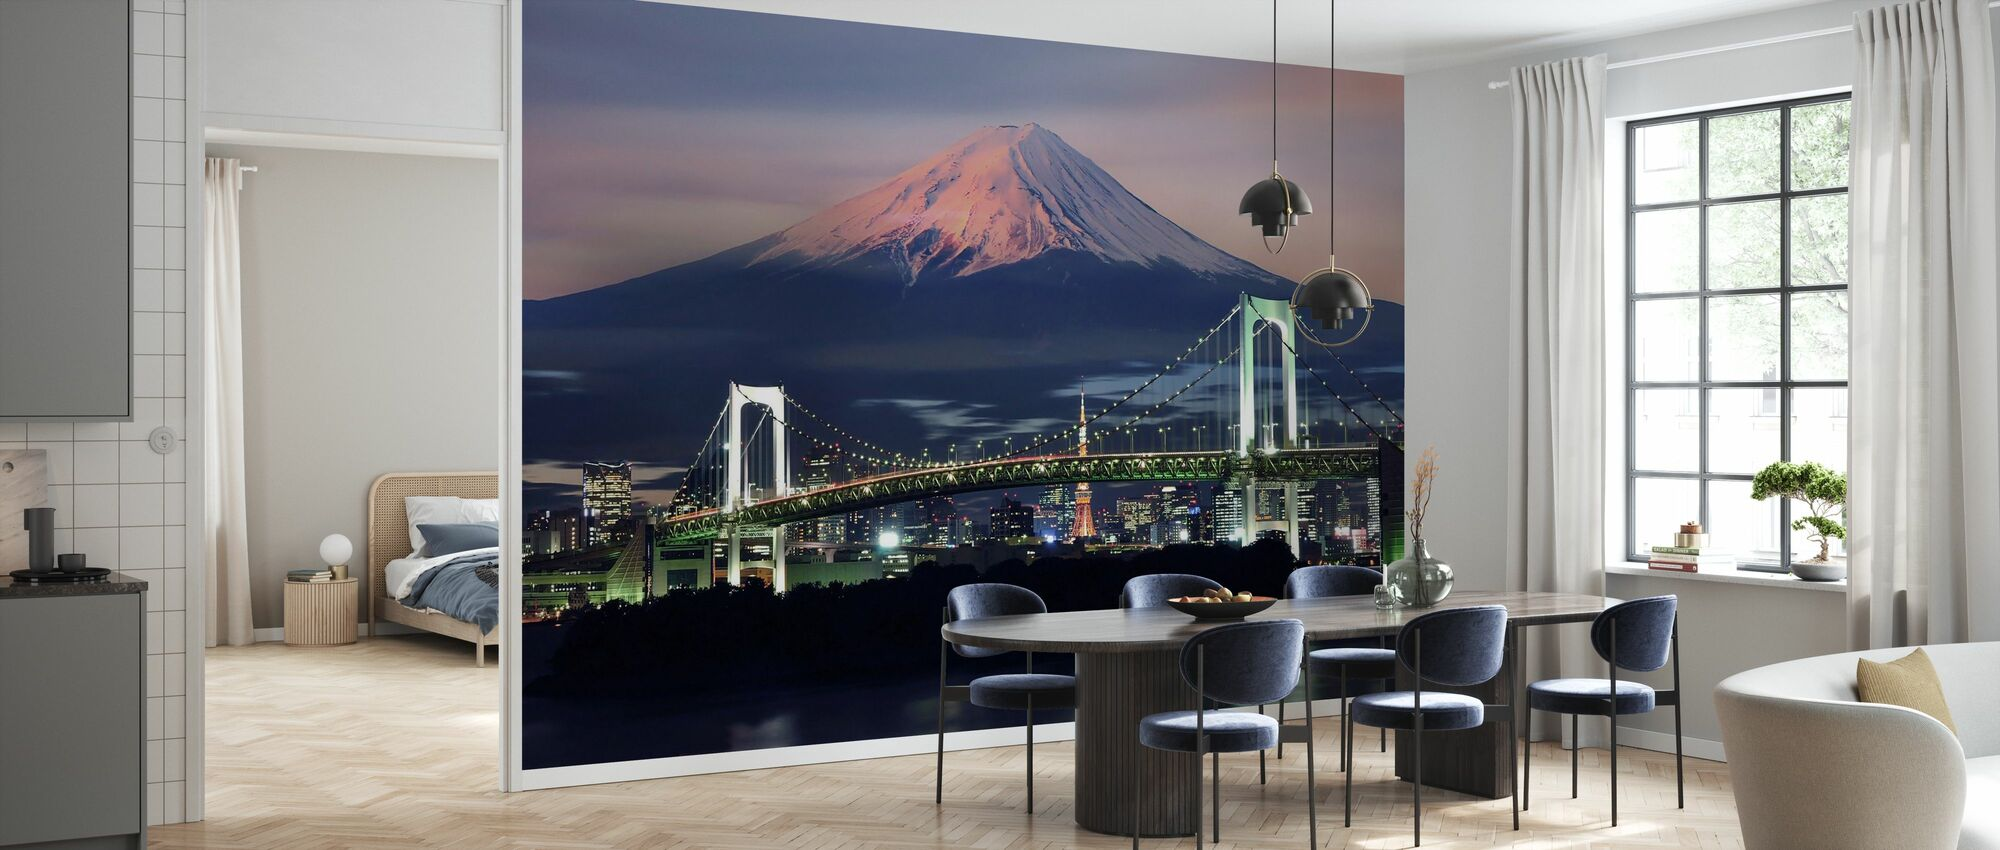 Regenboogbrug met Mt Fuji - Behang - Keuken